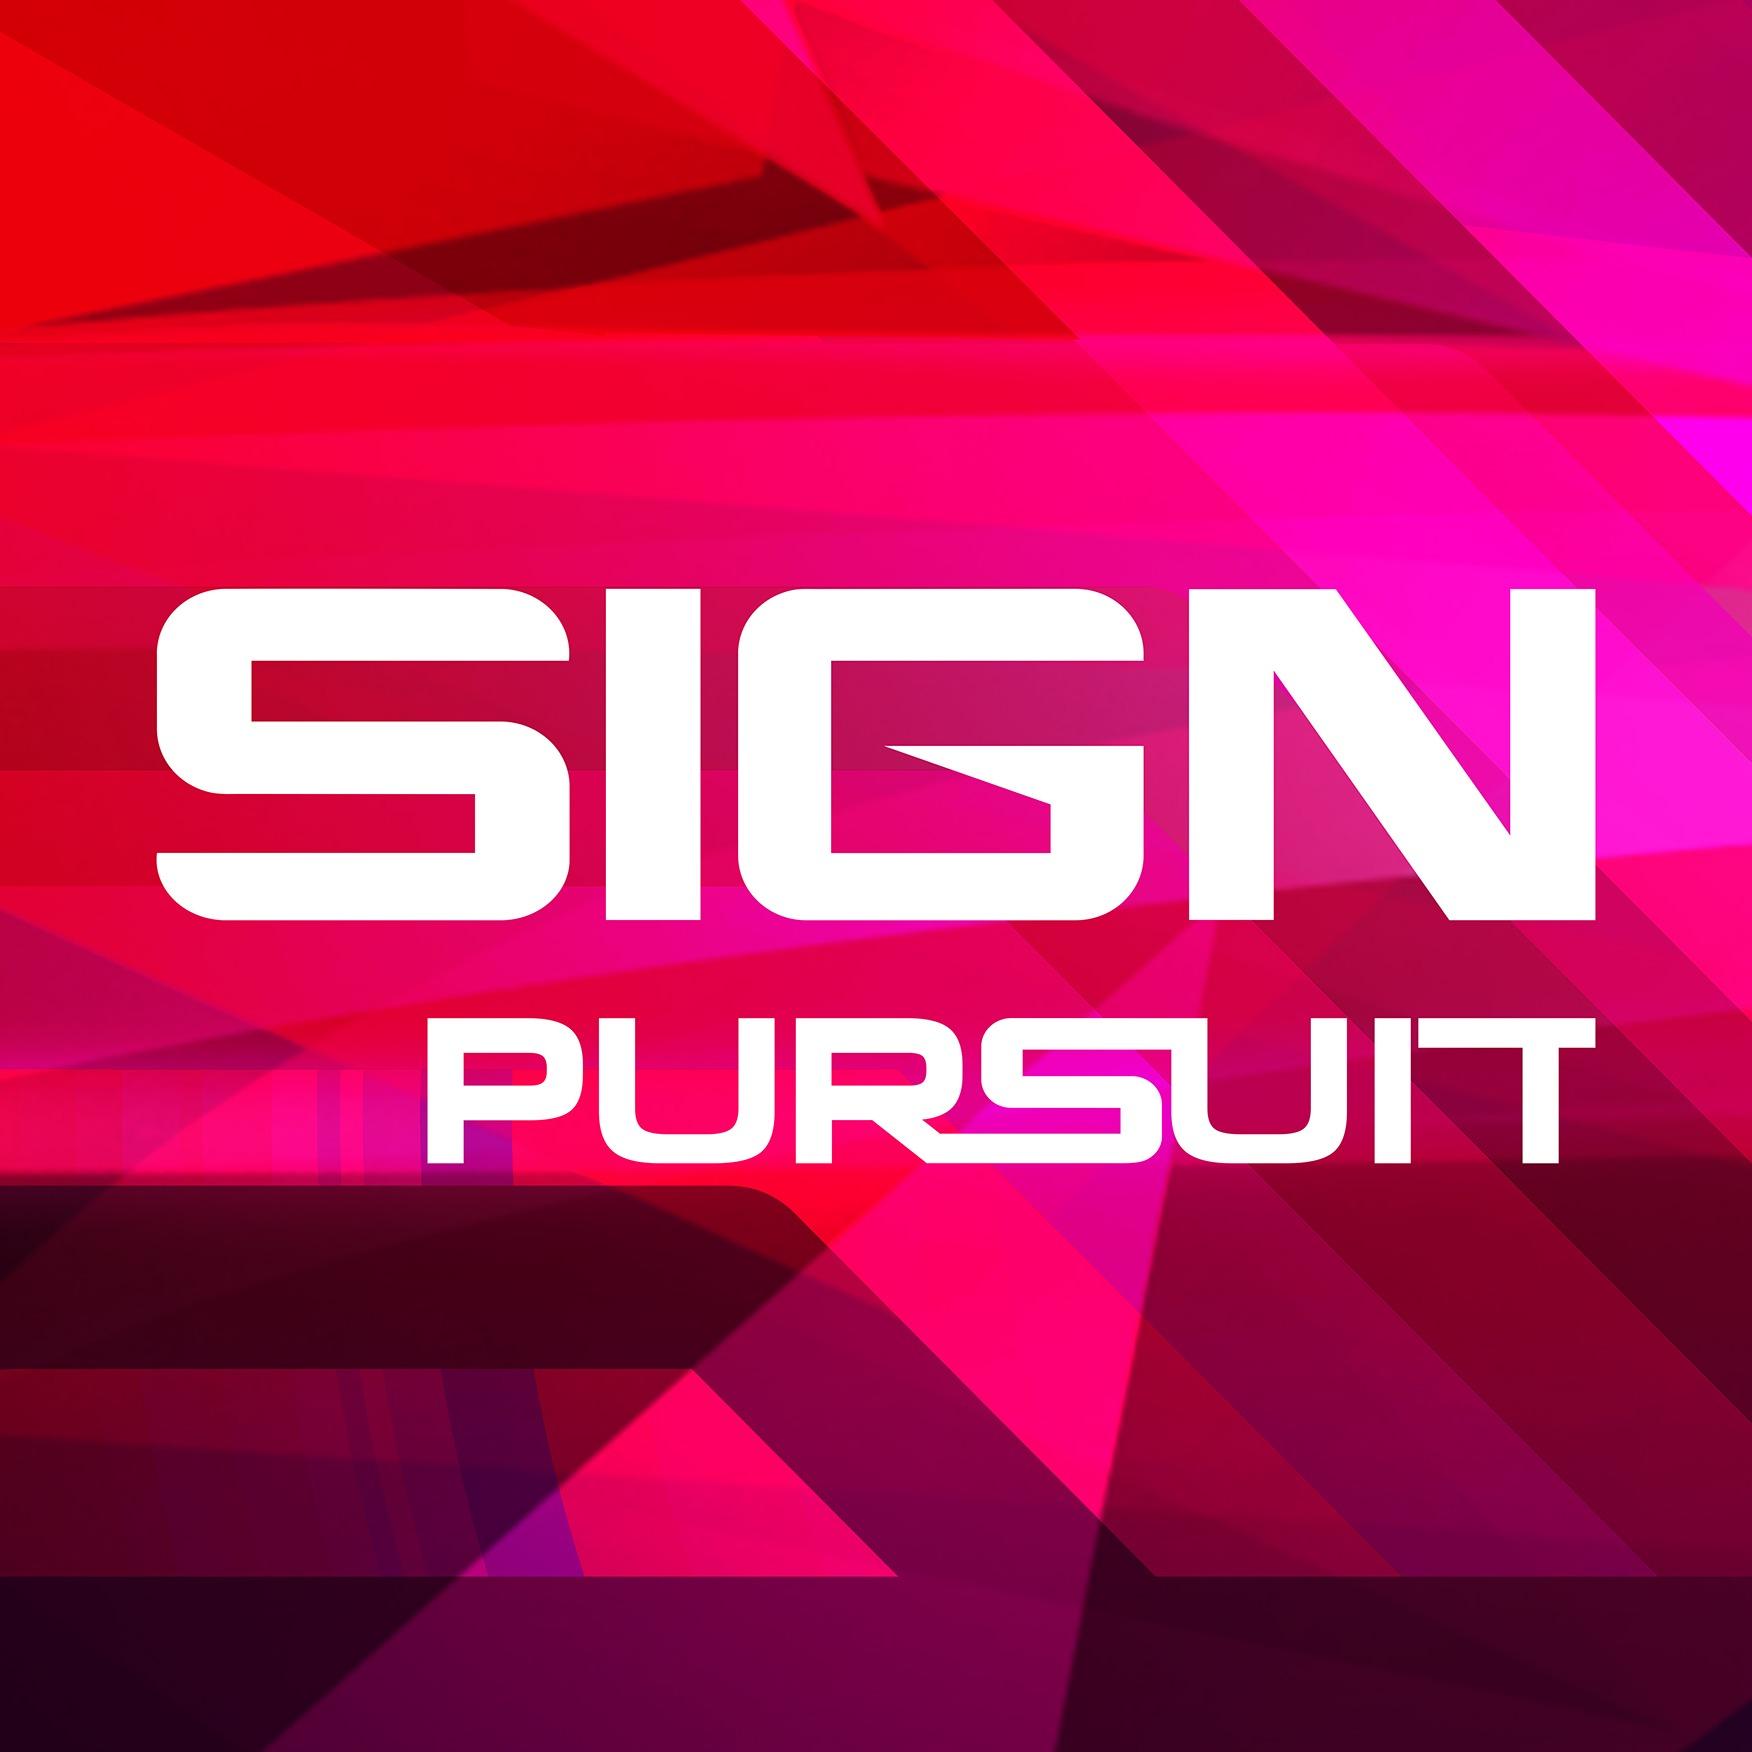 Sign Pursuit